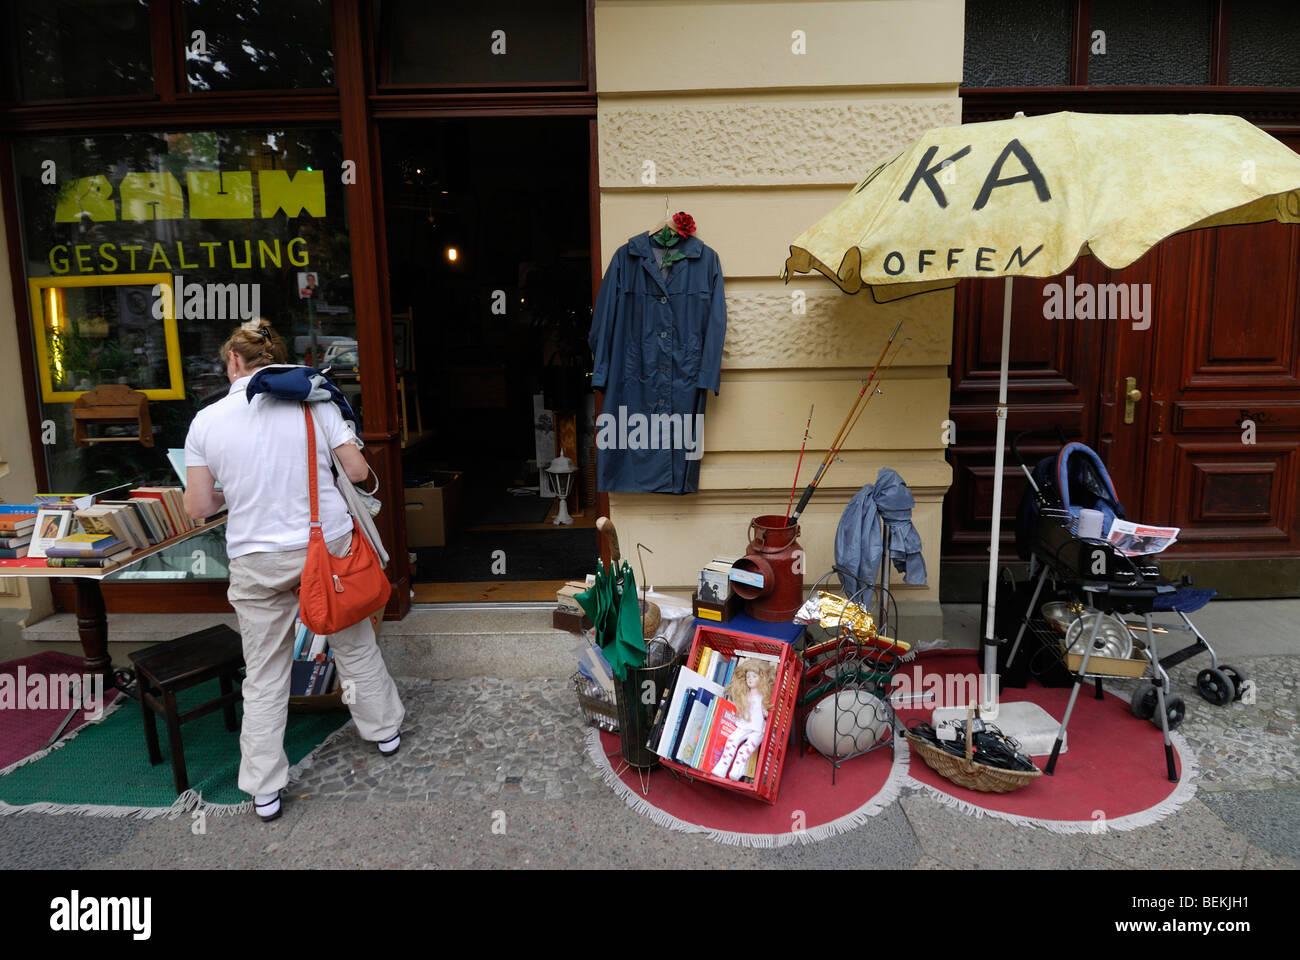 Berlin. Deutschland. Frau Suche einen Second-Hand-Laden in Prenzlauer Berg. Stockbild